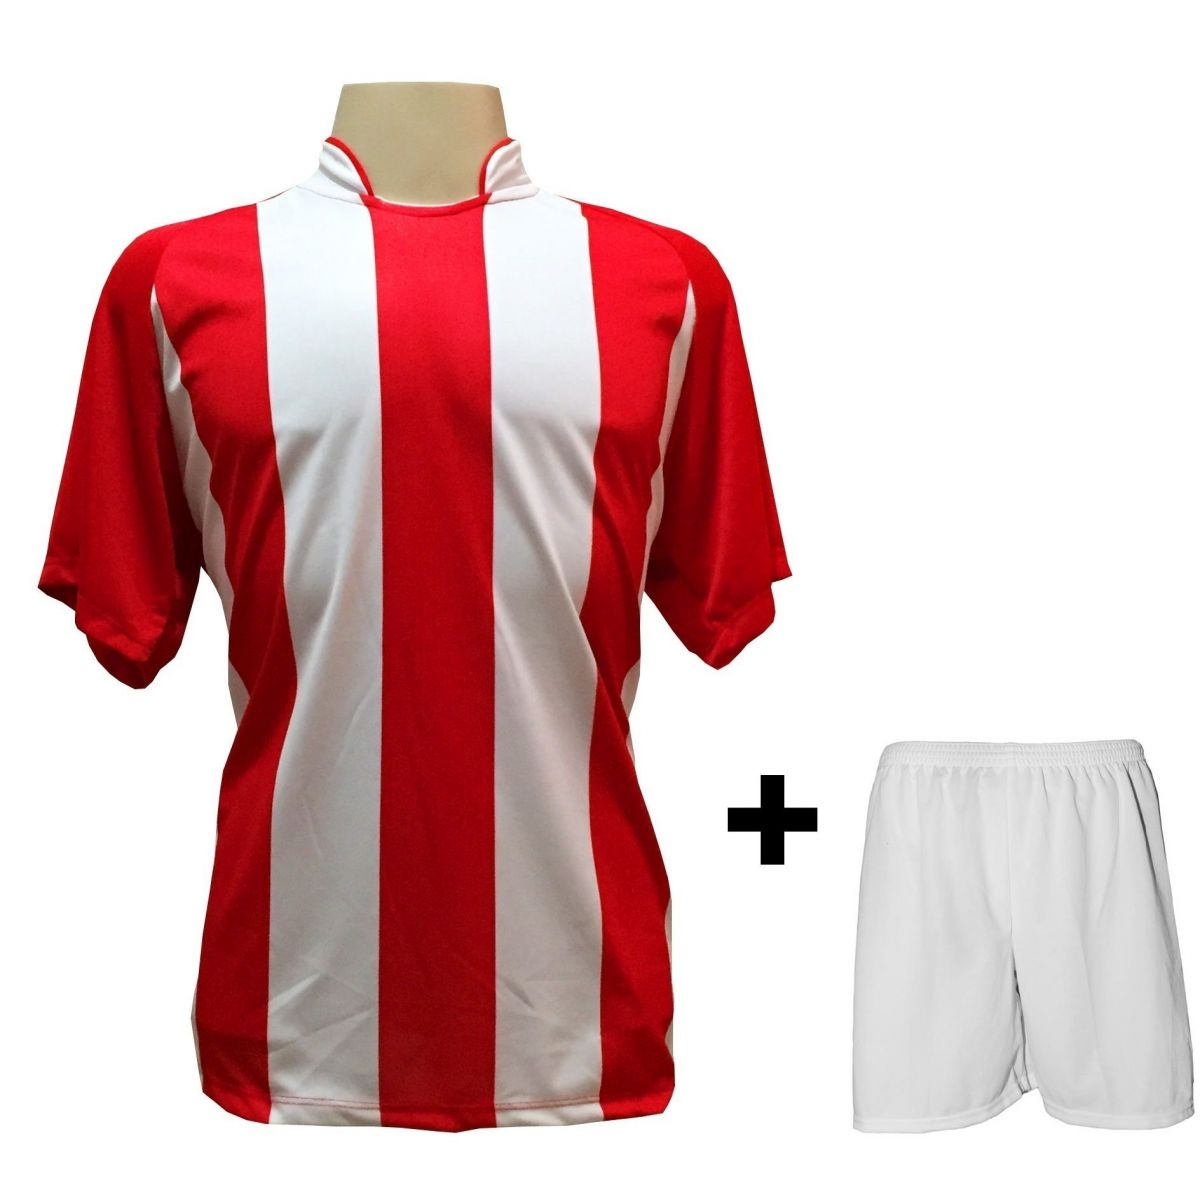 Fardamento - Jogo de Camisa modelo Milan + Calção com 12 Vermelho Branco -  PlayFair 53b0cfba6cc7d